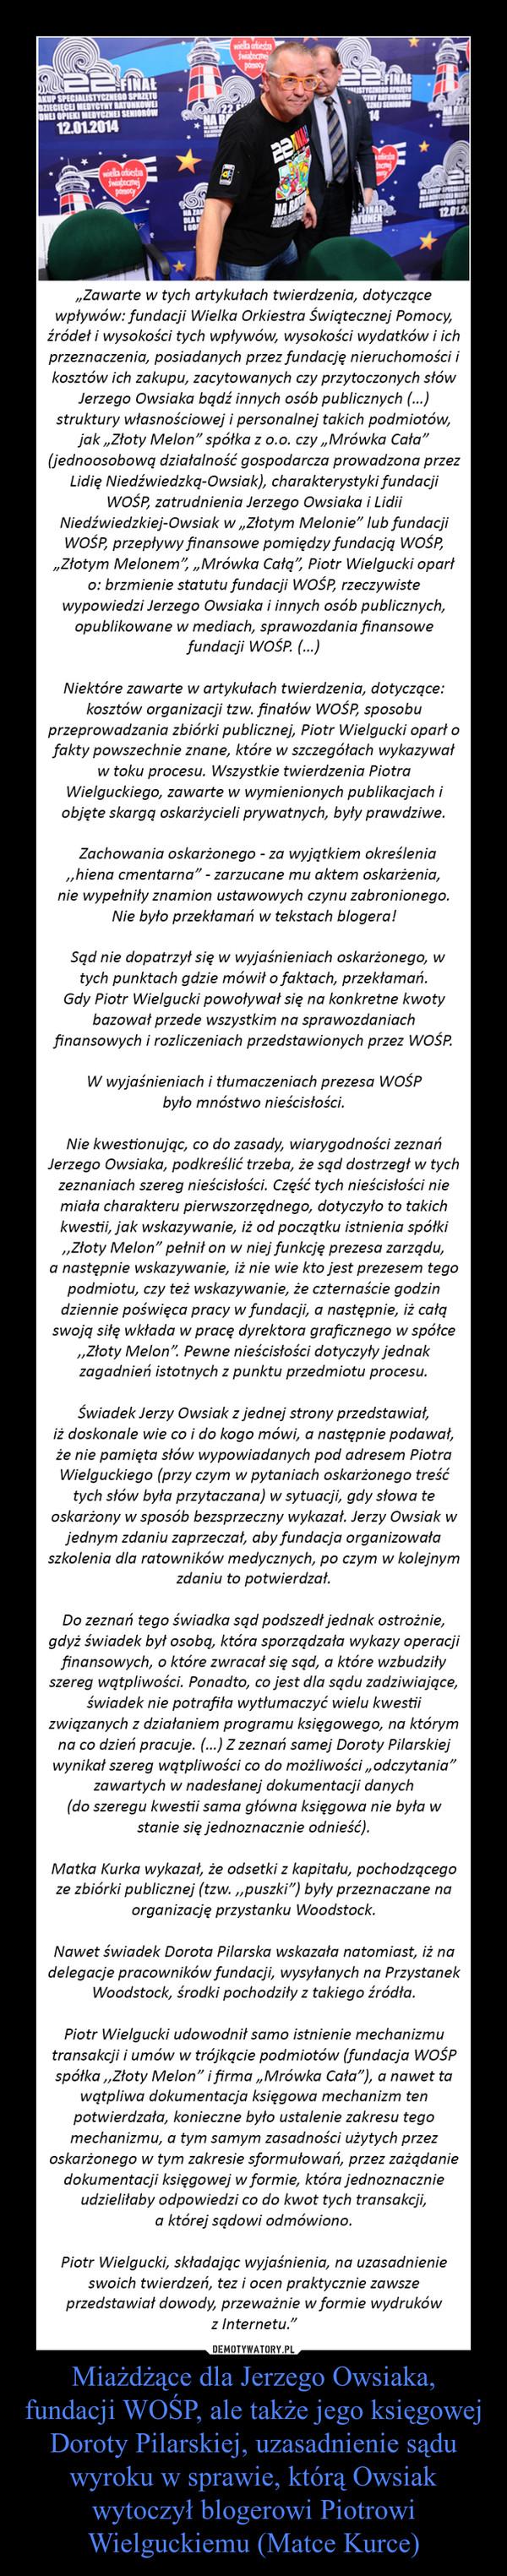 """Miażdżące dla Jerzego Owsiaka, fundacji WOŚP, ale także jego księgowej Doroty Pilarskiej, uzasadnienie sądu wyroku w sprawie, którą Owsiak wytoczył blogerowi Piotrowi Wielguckiemu (Matce Kurce) –  """"Zawarte w tych artykułach twierdzenia, dotyczącewpływów: fundacji Wielka Orkiestra Świątecznej Pomocy, źródeł i wysokości tych wpływów, wysokości wydatków i ich przeznaczenia, posiadanych przez fundację nieruchomości i kosztów ich zakupu, zacytowanych czy przytoczonych słów Jerzego Owsiaka bądź innych osób publicznych (…)struktury własnościowej i personalnej takich podmiotów, jak """"Złoty Melon"""" spółka z o.o. czy """"Mrówka Cała""""(jednoosobową działalność gospodarcza prowadzona przez Lidię Niedźwiedzką-Owsiak), charakterystyki fundacji WOŚP, zatrudnienia Jerzego Owsiaka i LidiiNiedźwiedzkiej-Owsiak w """"Złotym Melonie"""" lub fundacji WOŚP, przepływy finansowe pomiędzy fundacją WOŚP, """"Złotym Melonem"""", """"Mrówka Całą"""", Piotr Wielgucki oparł o: brzmienie statutu fundacji WOŚP, rzeczywistewypowiedzi Jerzego Owsiaka i innych osób publicznych, opublikowane w mediach, sprawozdania finansowefundacji WOŚP. (…) Niektóre zawarte w artykułach twierdzenia, dotyczące: kosztów organizacji tzw. finałów WOŚP, sposobuprzeprowadzania zbiórki publicznej, Piotr Wielgucki oparł o fakty powszechnie znane, które w szczegółach wykazywał w toku procesu. Wszystkie twierdzenia PiotraWielguckiego, zawarte w wymienionych publikacjach i objęte skargą oskarżycieli prywatnych, były prawdziwe.  Zachowania oskarżonego - za wyjątkiem określenia ,,hiena cmentarna"""" - zarzucane mu aktem oskarżenia,nie wypełniły znamion ustawowych czynu zabronionego. Nie było przekłamań w tekstach blogera!   Sąd nie dopatrzył się w wyjaśnieniach oskarżonego, w tych punktach gdzie mówił o faktach, przekłamań.Gdy Piotr Wielgucki powoływał się na konkretne kwotybazował przede wszystkim na sprawozdaniachfinansowych i rozliczeniach przedstawionych przez WOŚP. W wyjaśnieniach i tłumaczeniach prezesa WOŚPbyło mnóstwo nieścisłości.Nie kwestionując"""